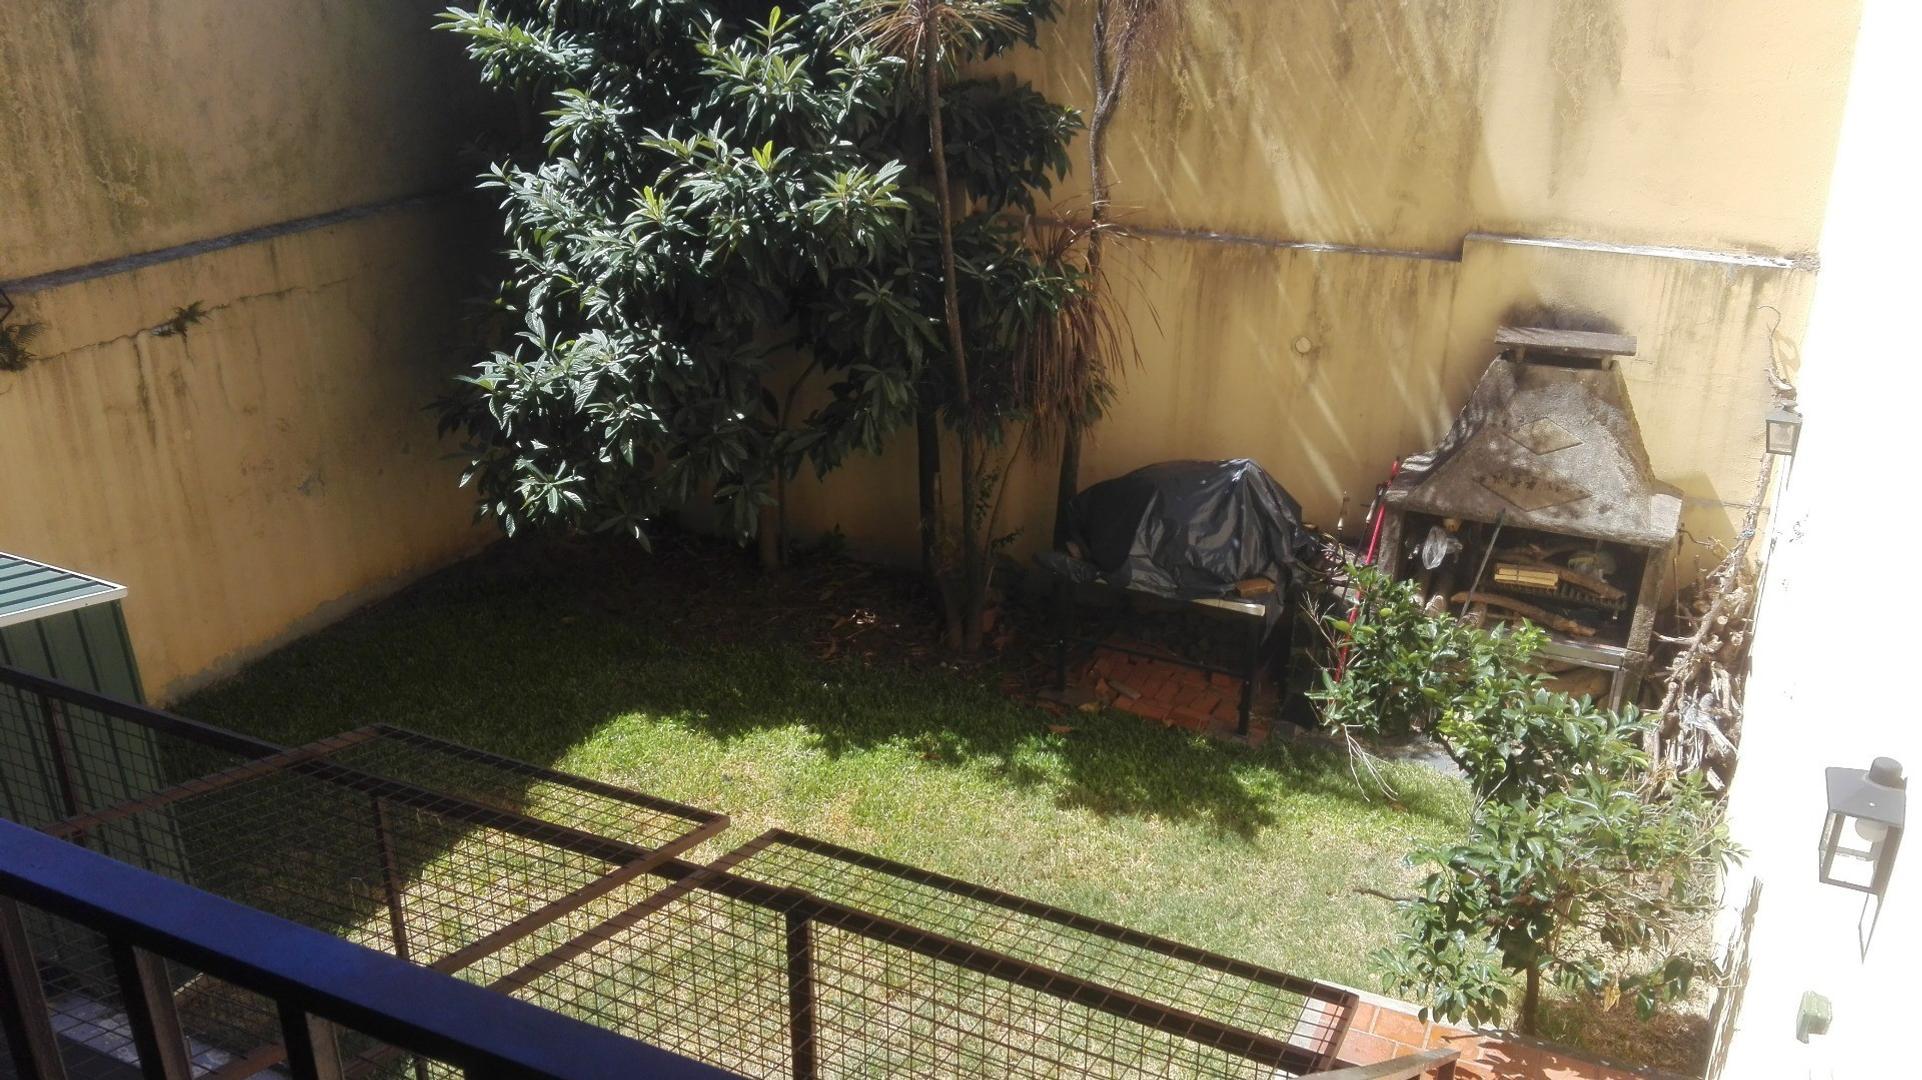 Excelente Departamento de 4 Ambientes con Jardín Propio